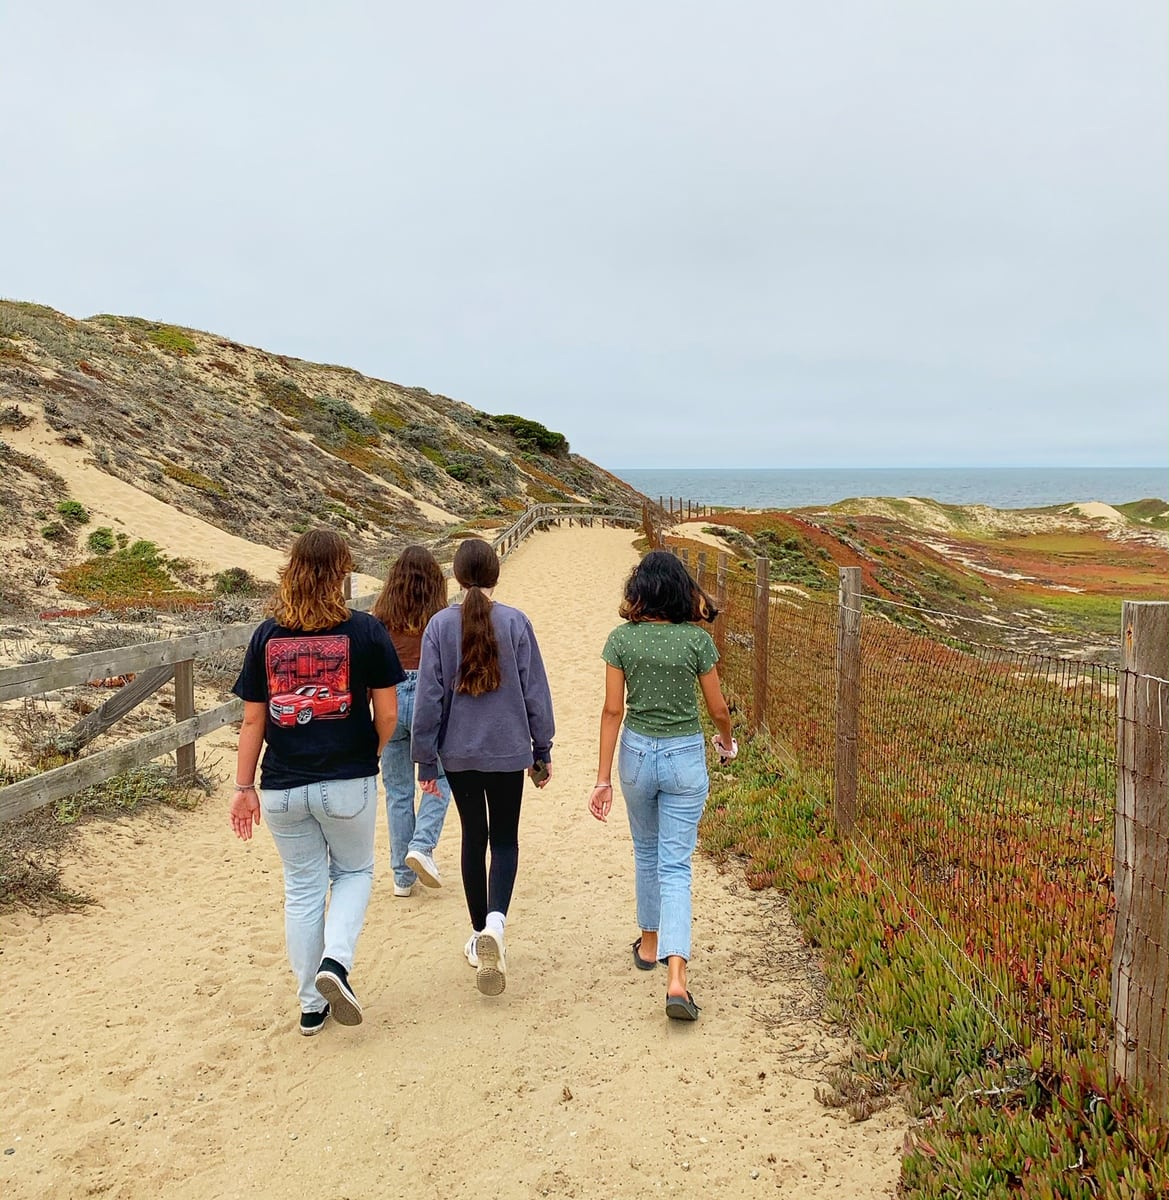 Marina Dunes RV Park Beach Access Trail